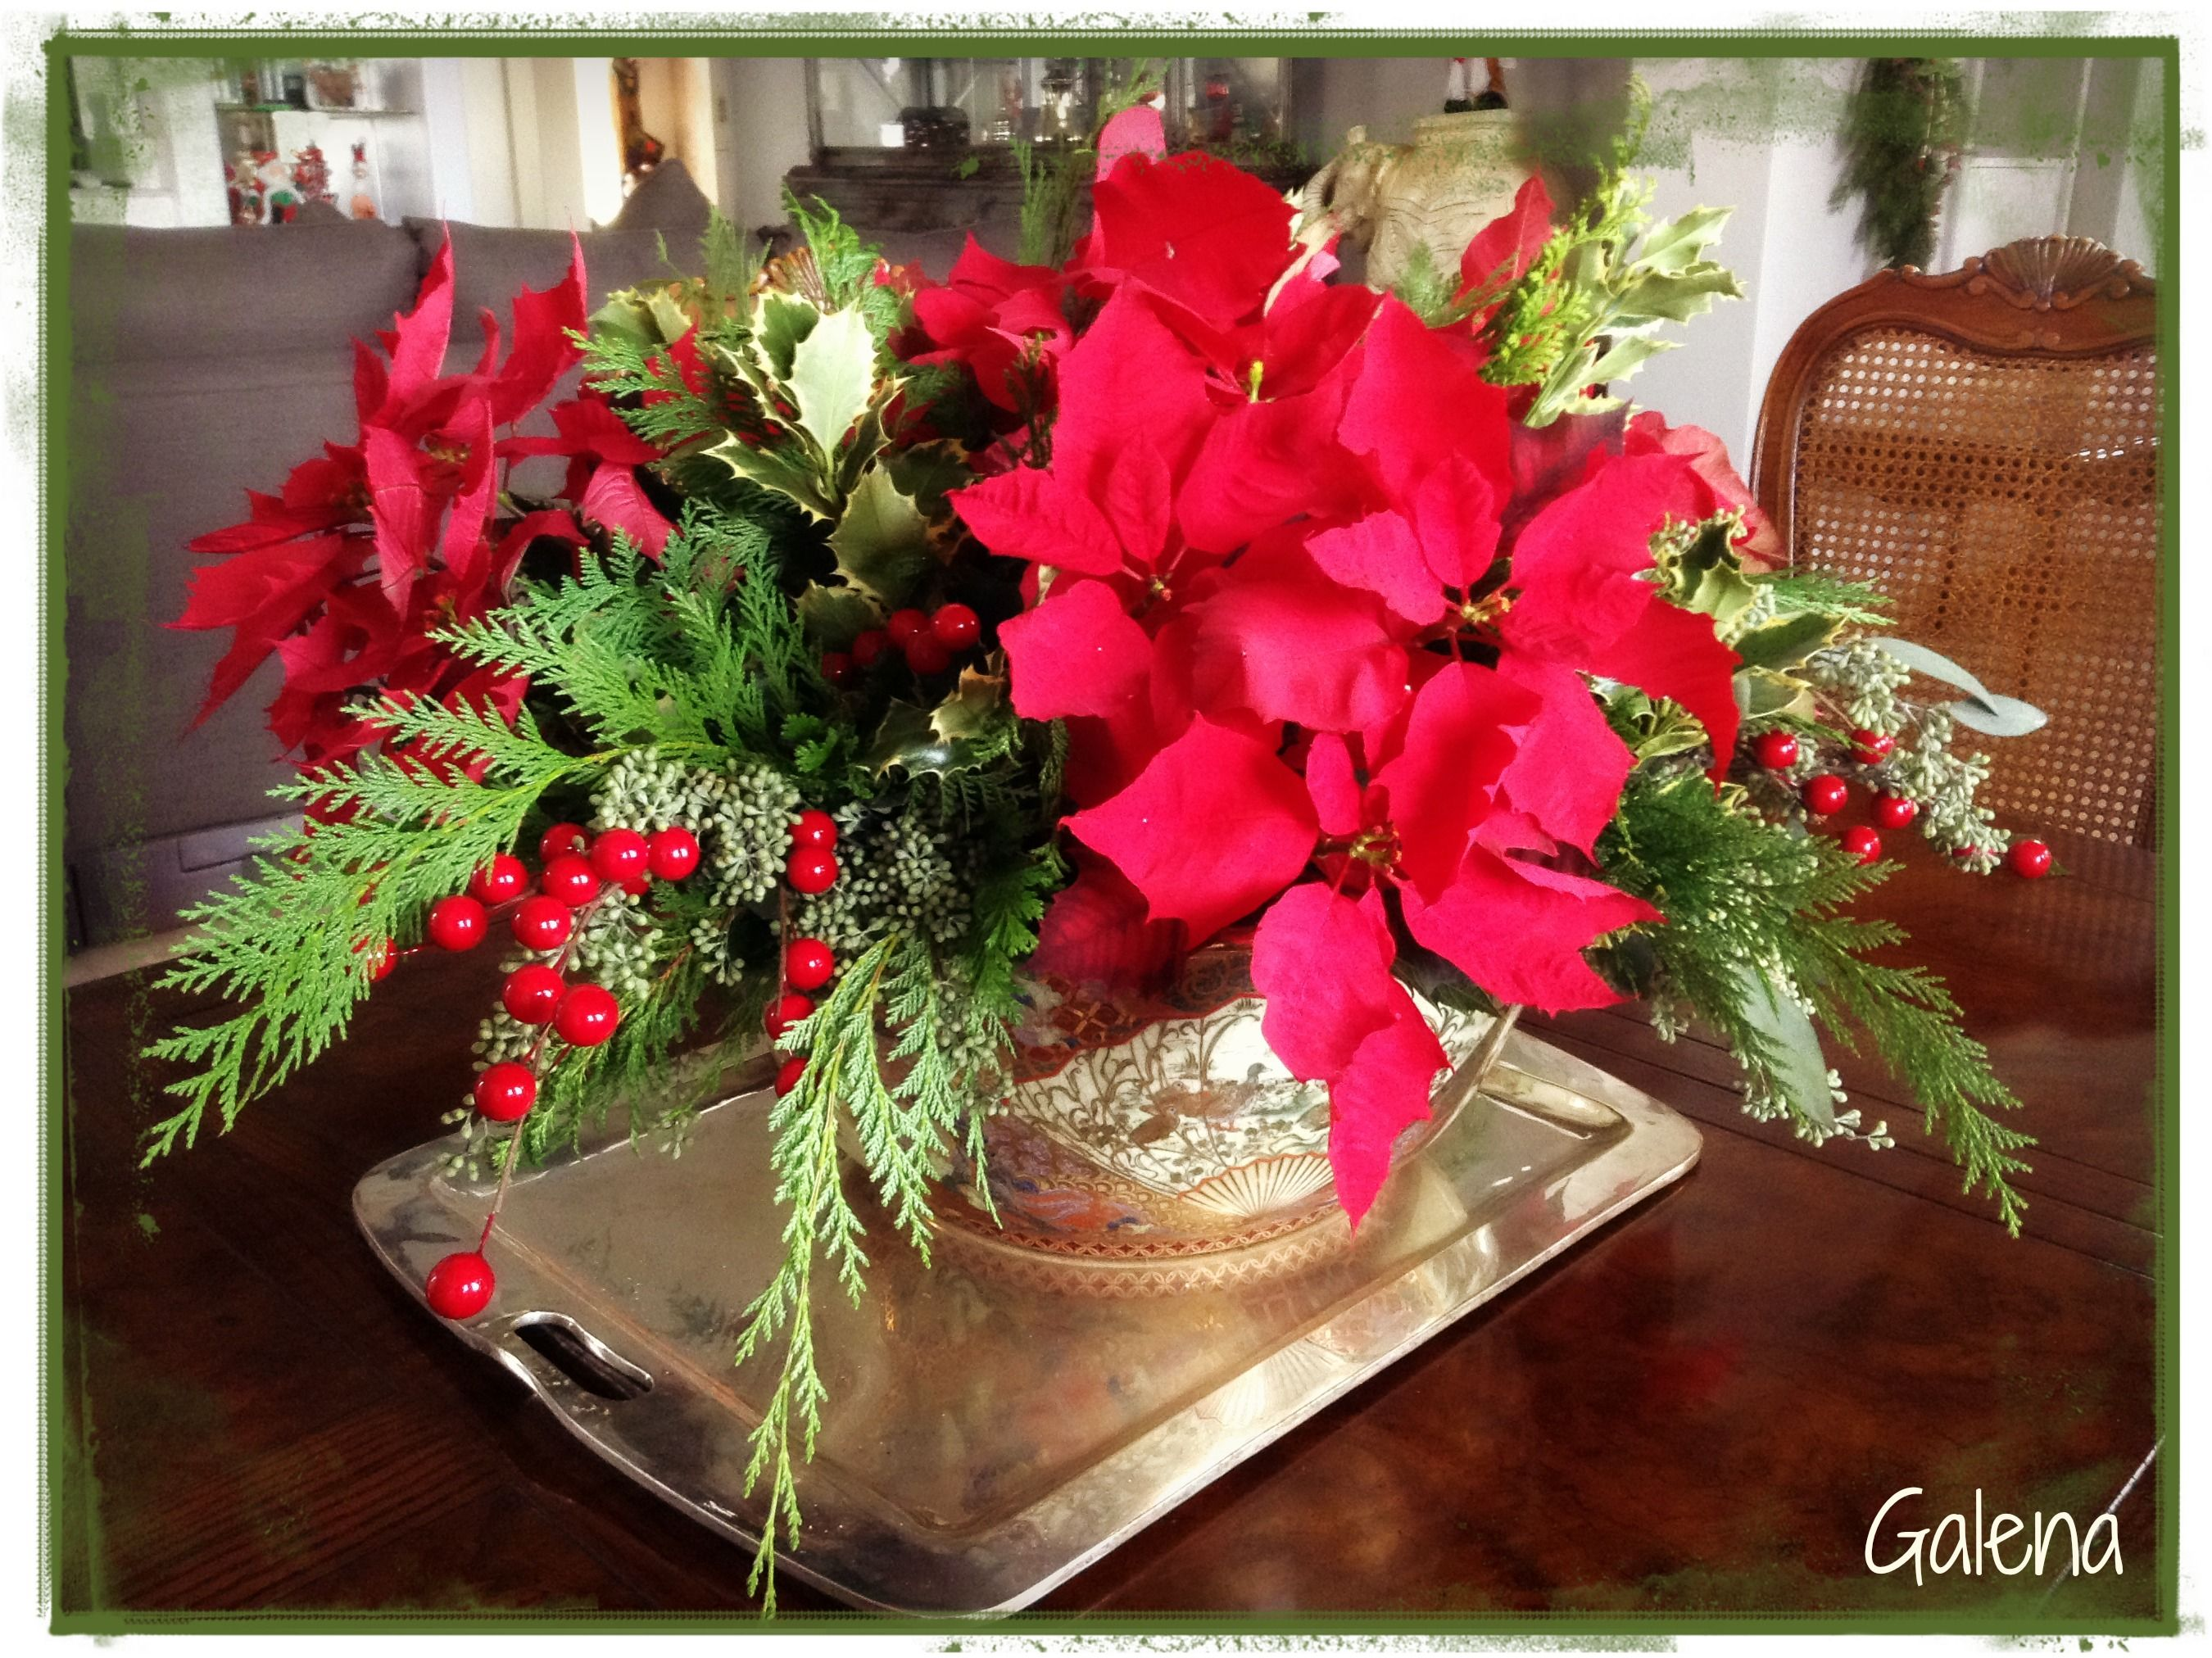 Nochebuena-Navidad-Tarjeta-Felicitaciones-2014-Compartir